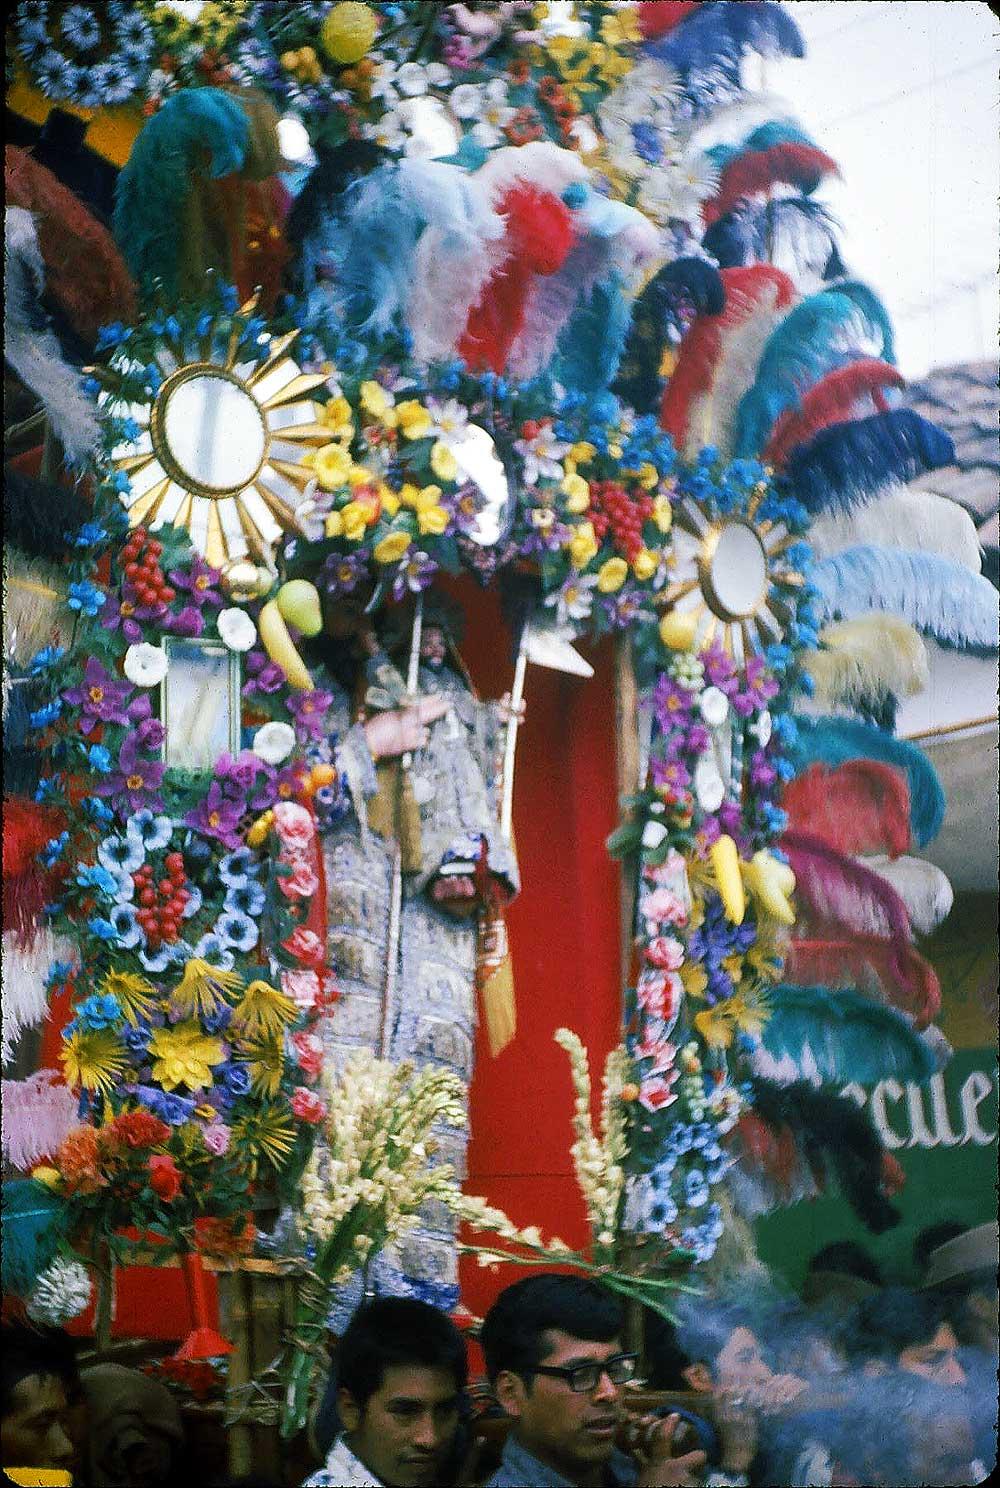 A festival in Chichicastenango, 1974, prob. Dec.